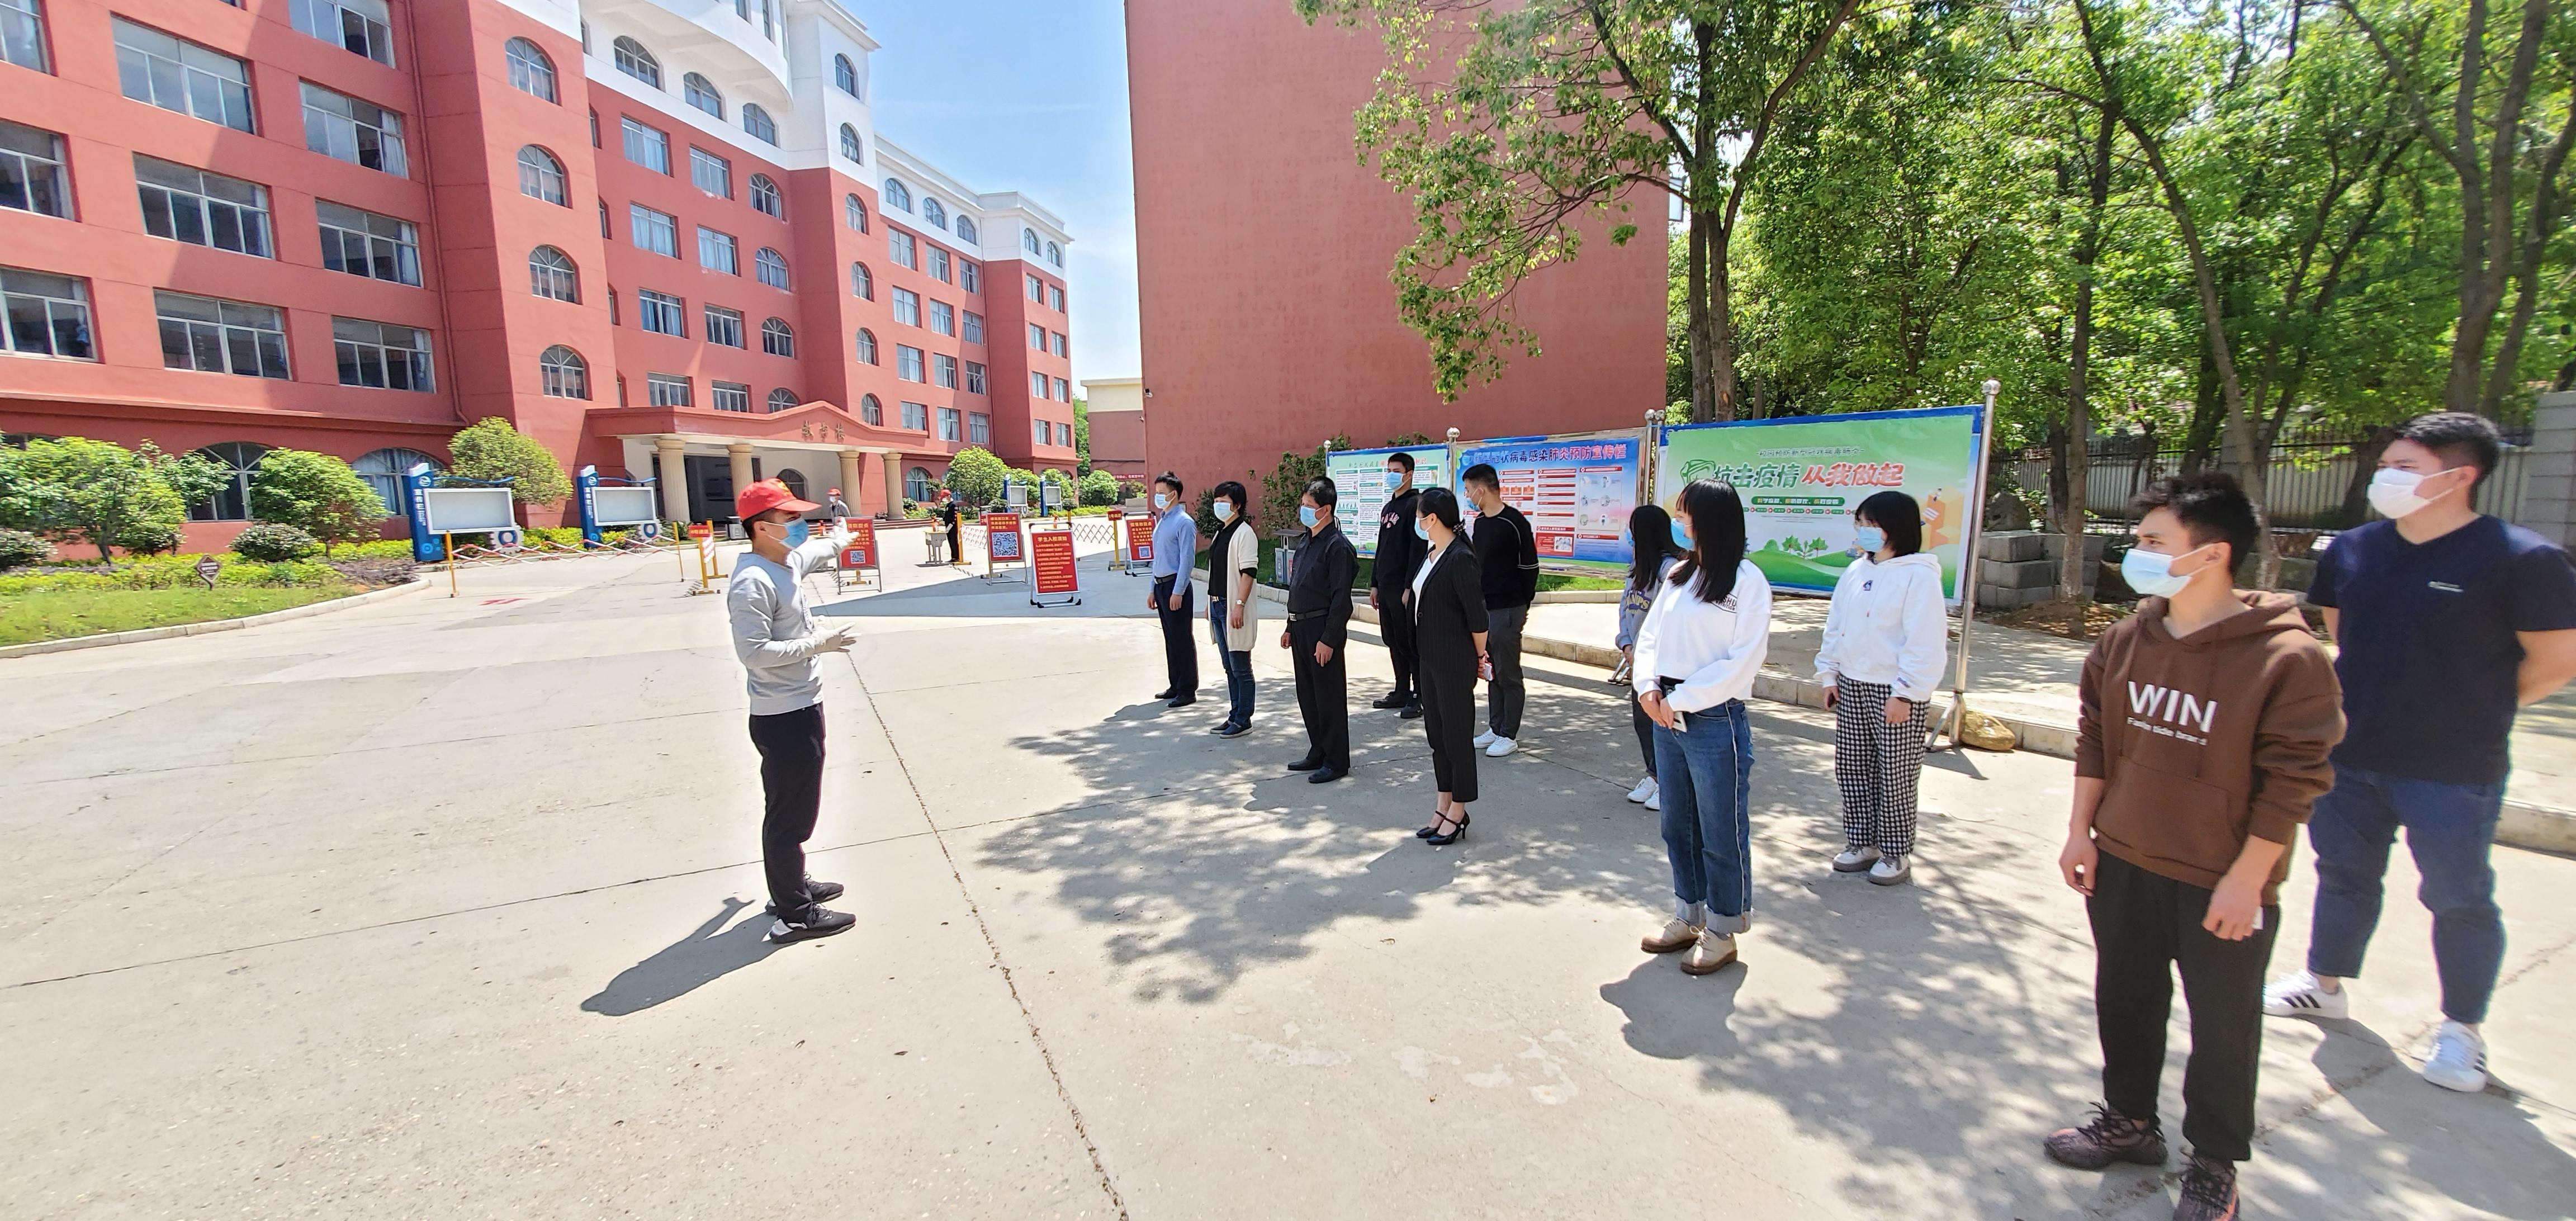 南昌向远铁路技术学校乐化校区开展疫情防控应急演练